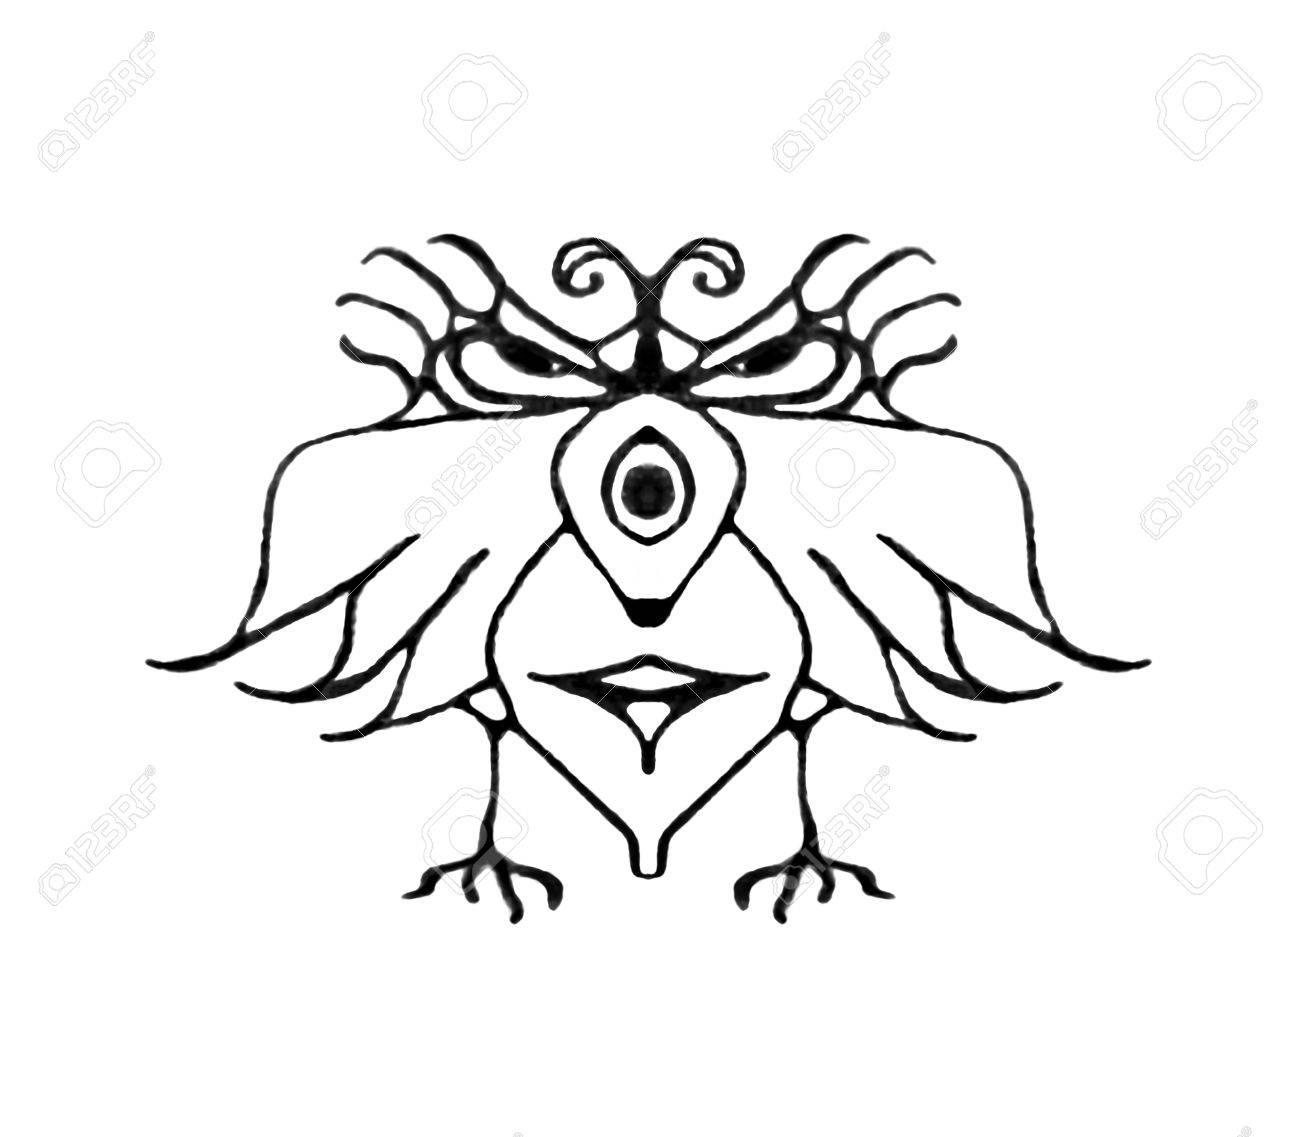 Noir Et Blanc Dessin Au Crayon Technique Fantastique Oiseau Avec Expression De Colère Ou De Grave Isolé Dans Un Fond Blanc